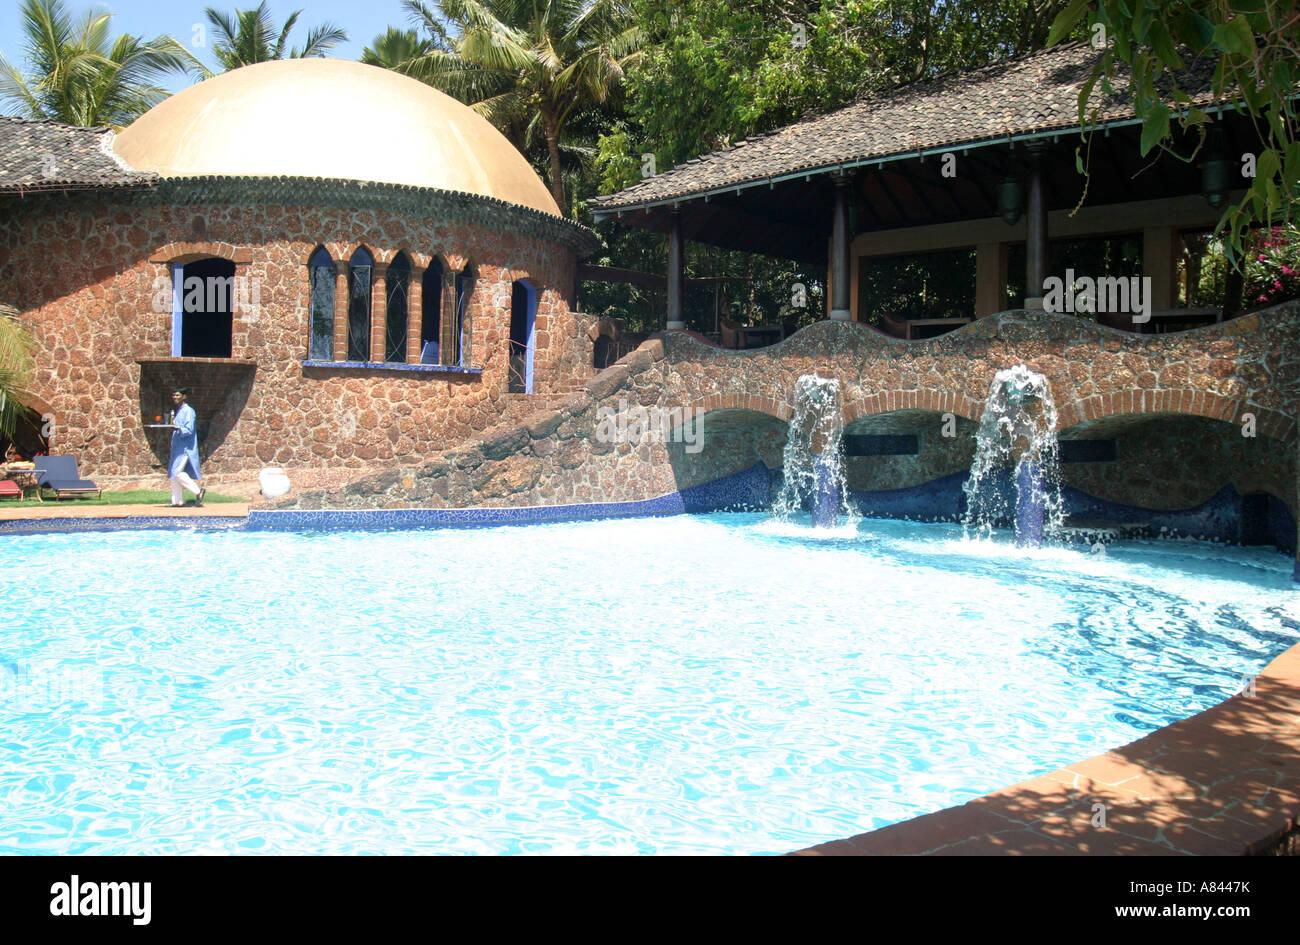 Piscina dalle forme libere con fontane a th spettacolarmente progettato Nilaya Hermitage boutique hotel in Goa in Immagini Stock